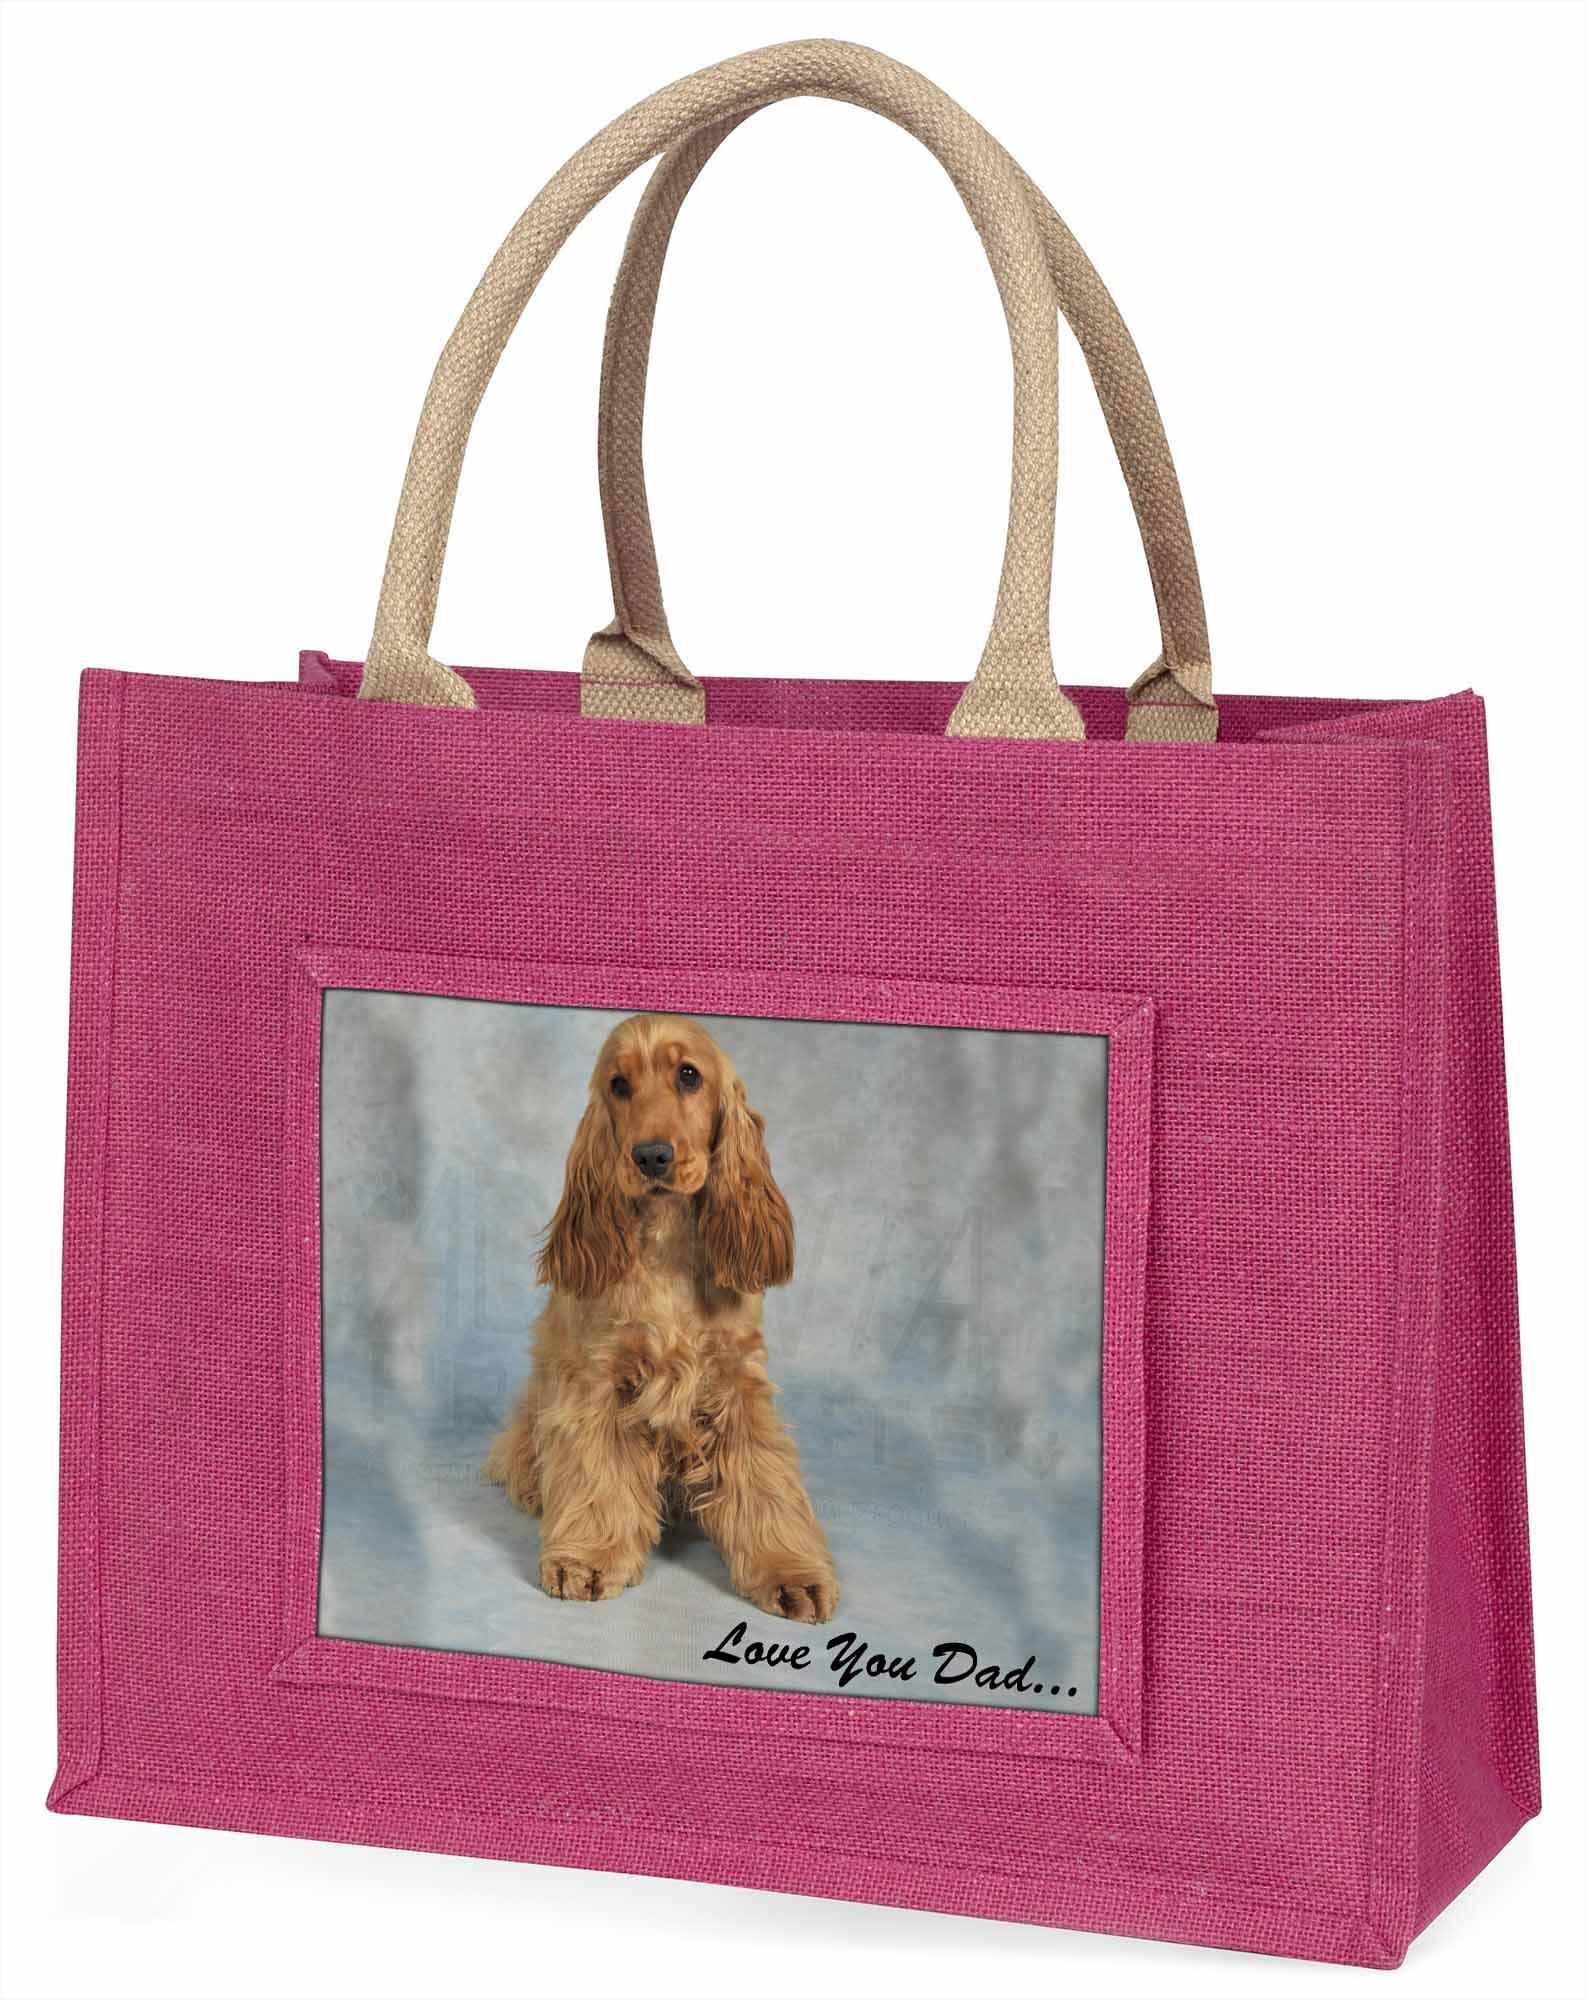 Gold Cocker Spaniel' liebe Dich Papa' große rosa Einkaufstasche Weihnachten,